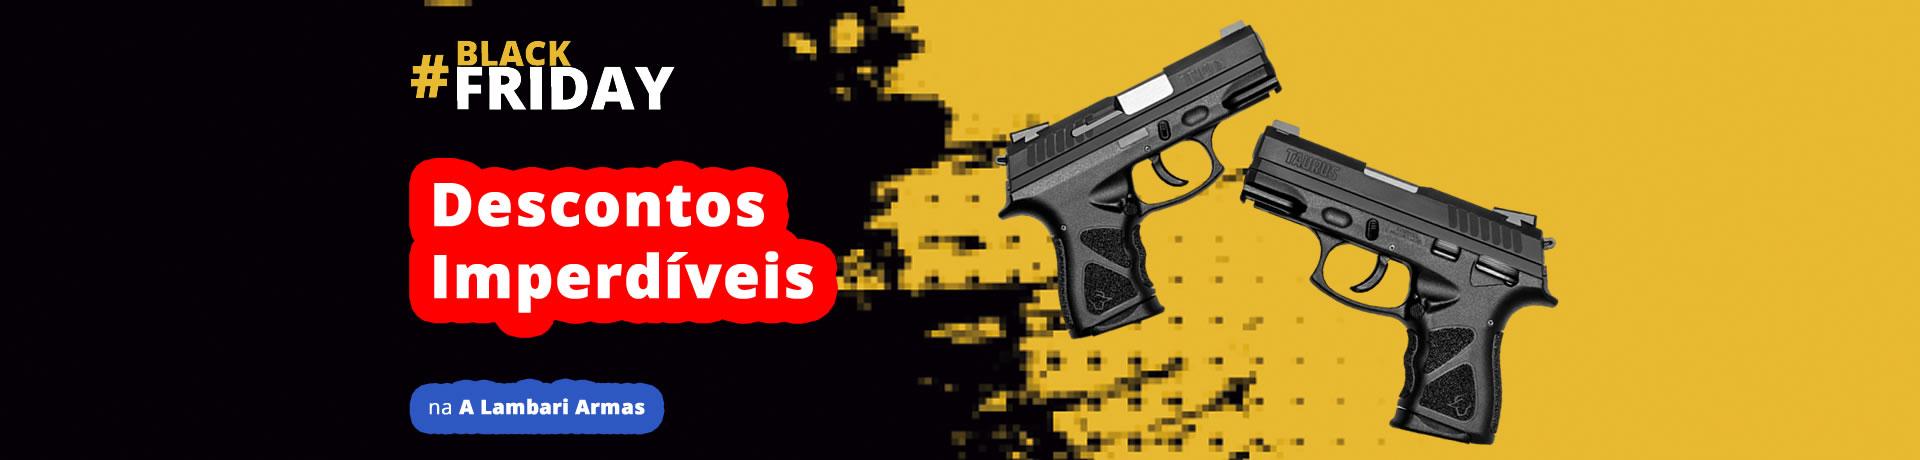 A lambari Armas - BlackFriday, descontos imperdíveis